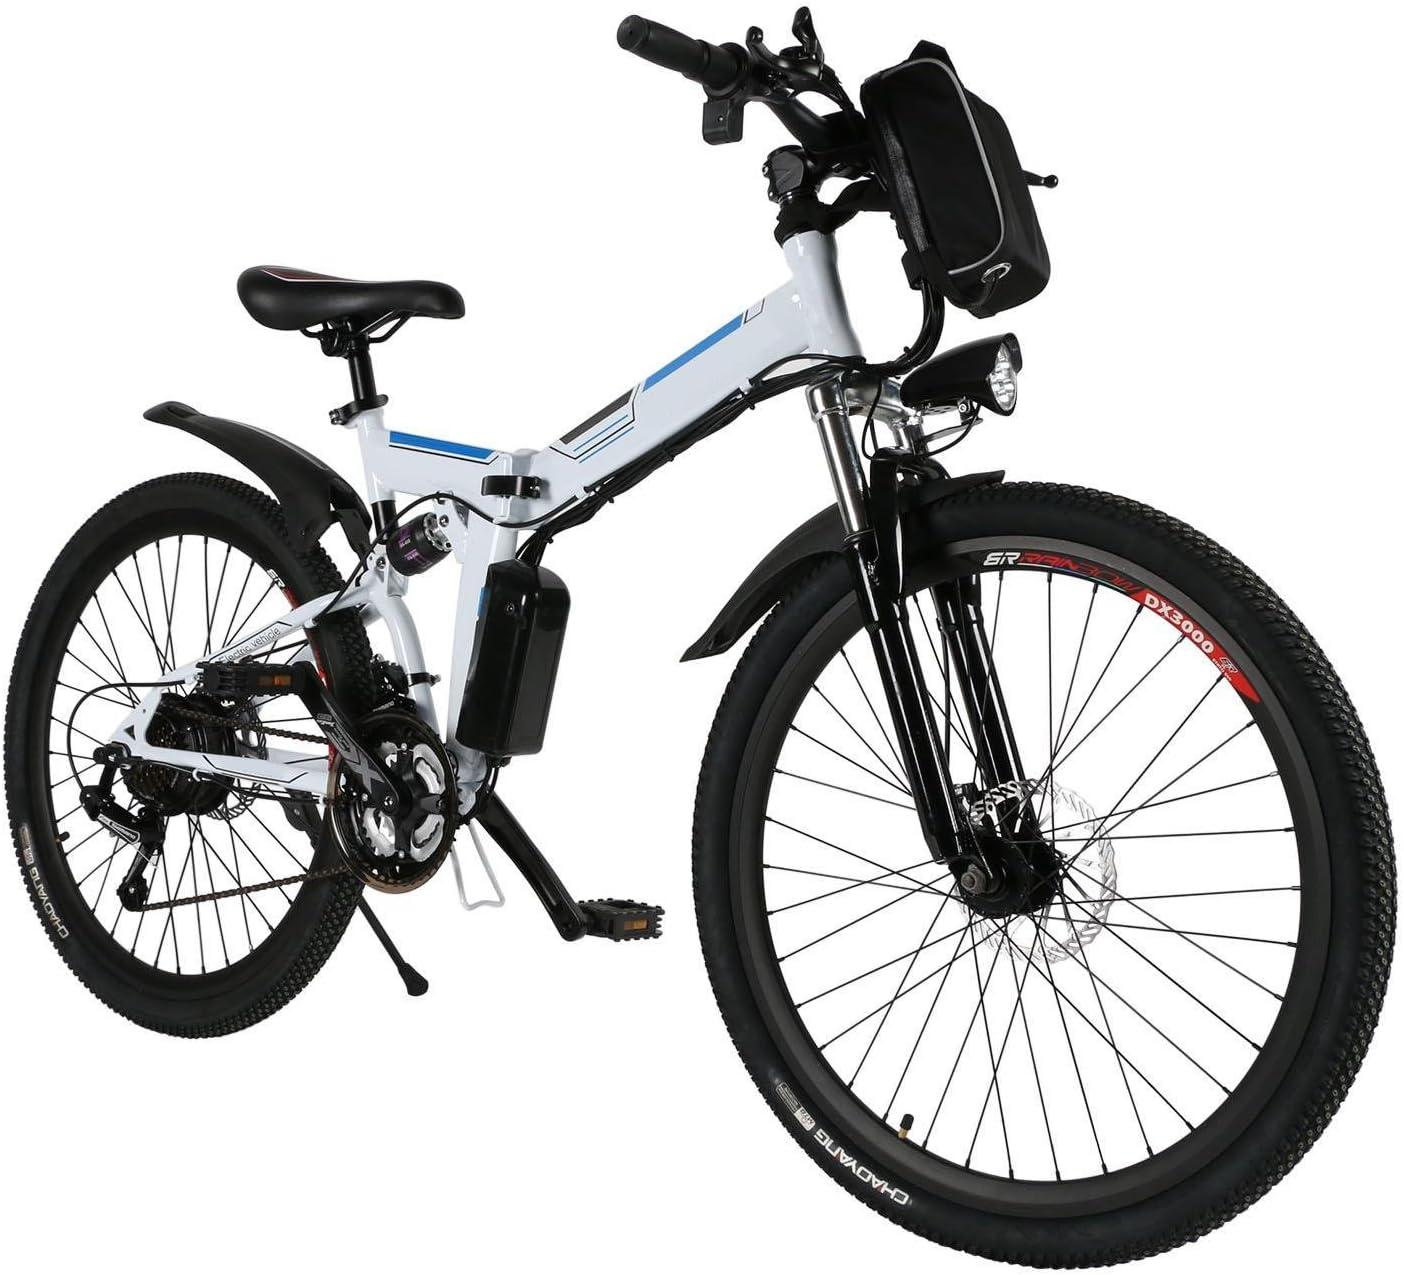 cooshional Bicicleta Eléctrica Plegable de Montaña con la Batería de Iones de Litio 36V Ruedas de 26 Pulgadas Color Blanco